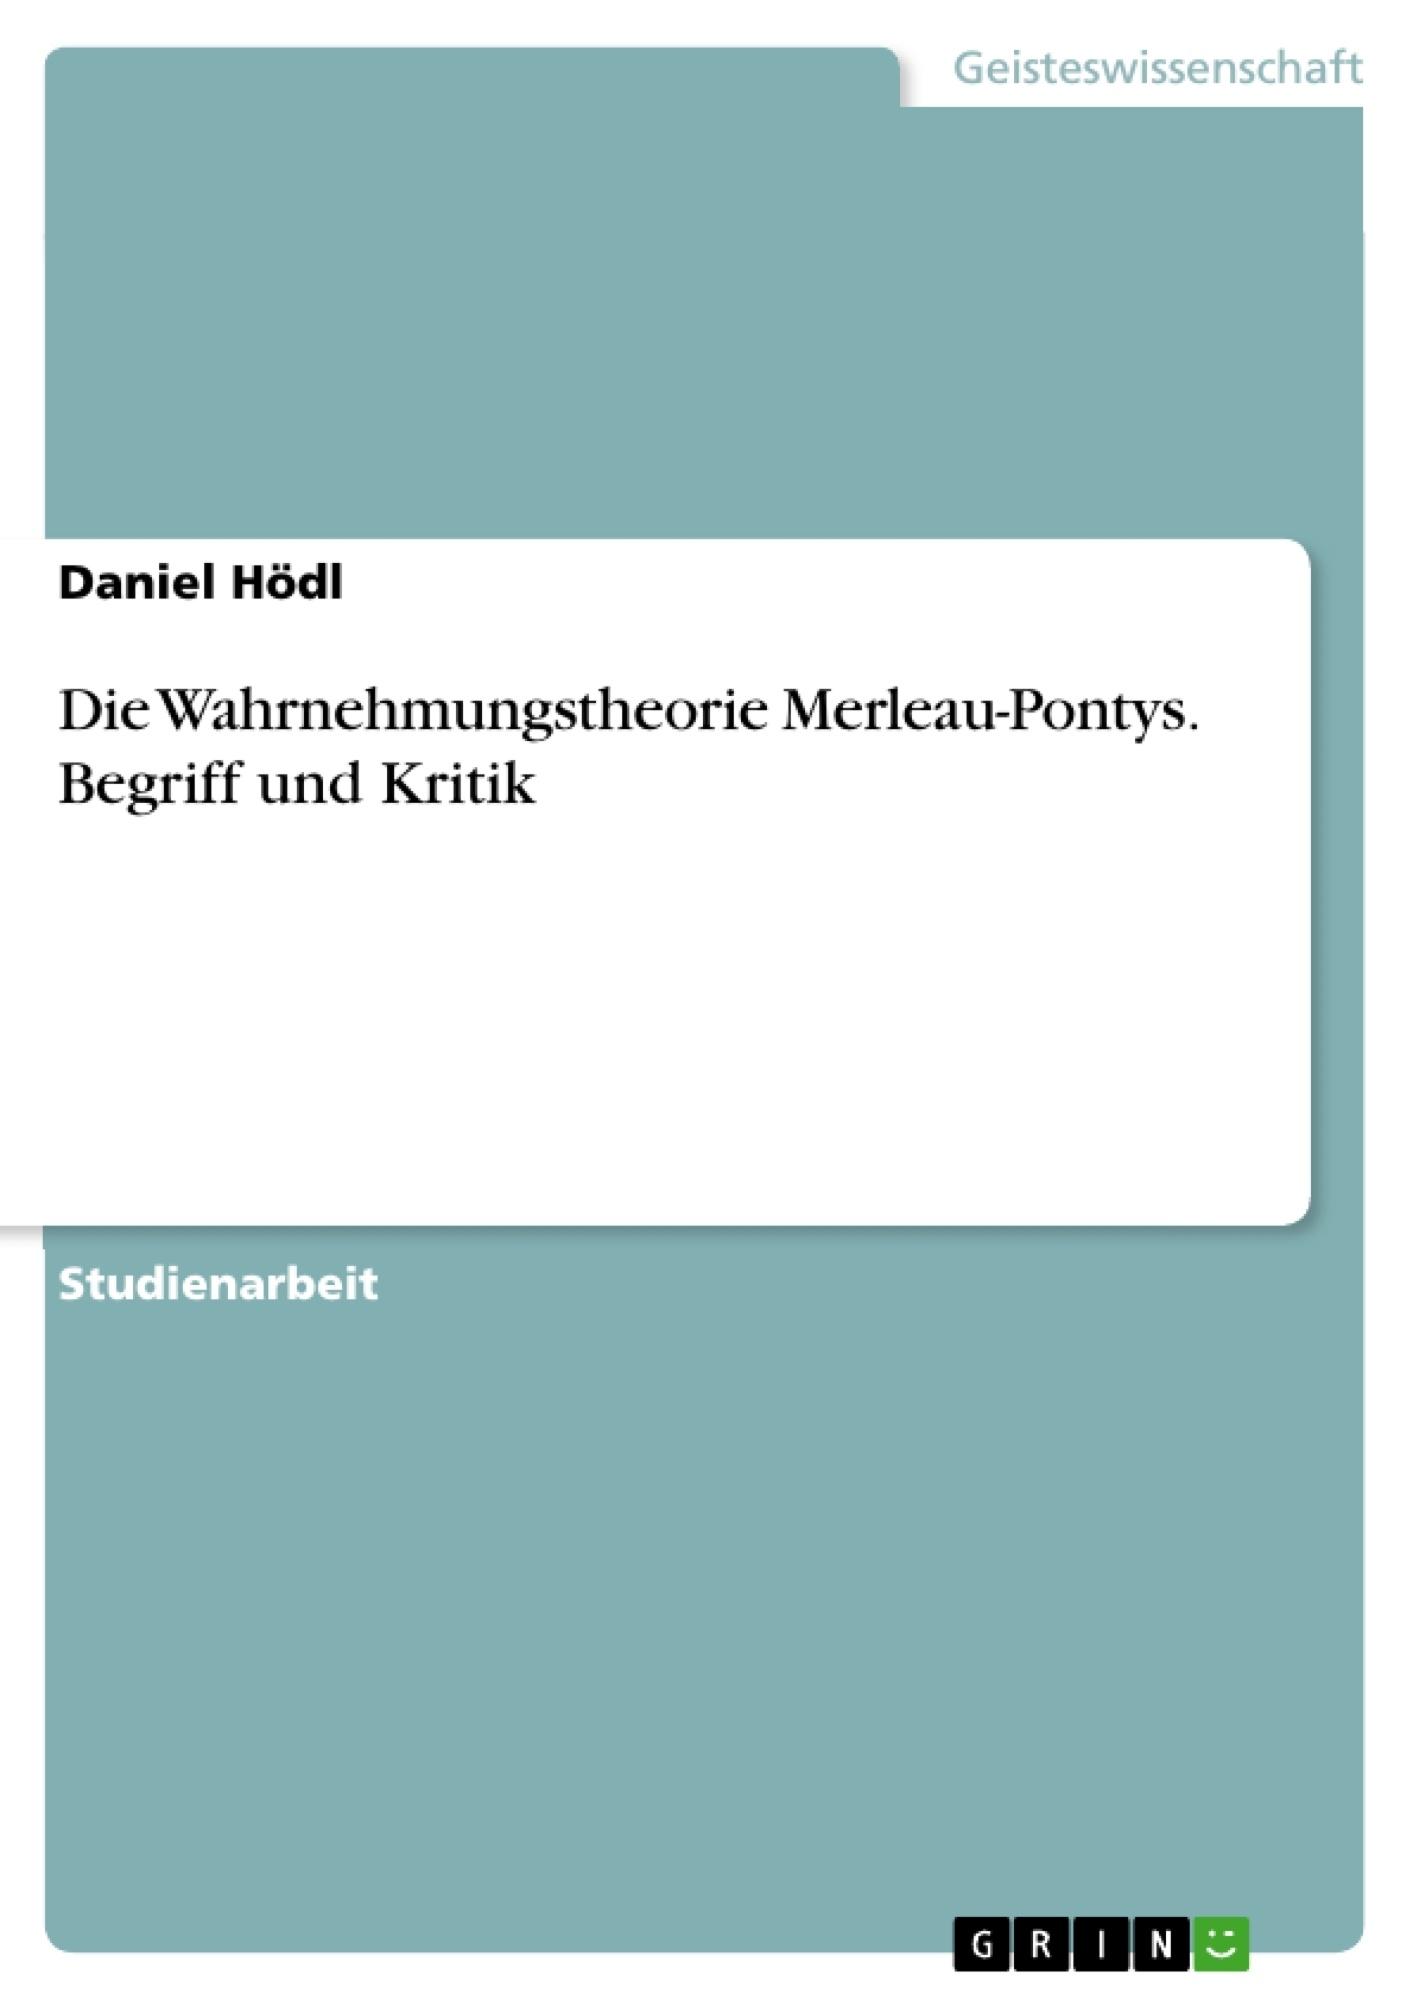 Titel: Die Wahrnehmungstheorie Merleau-Pontys. Begriff und Kritik